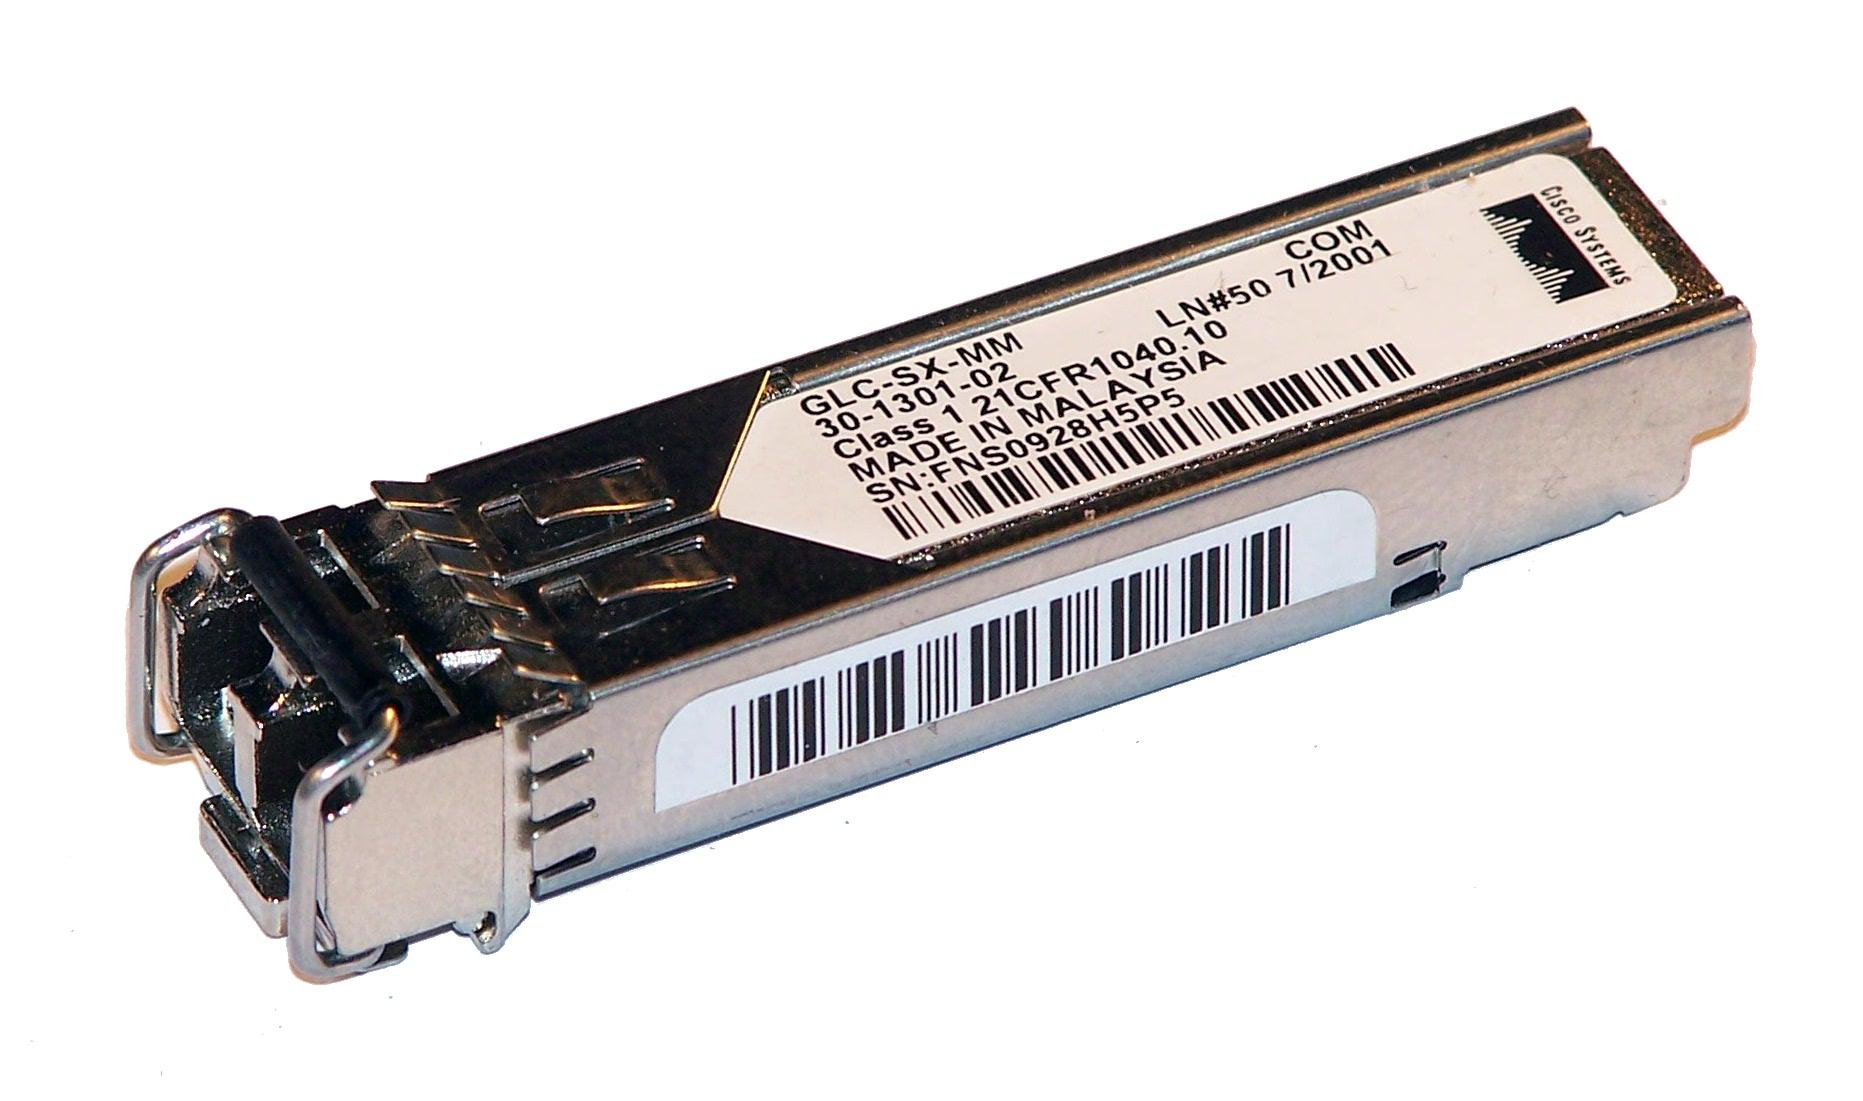 Cisco 30-1301-02 1000BASE-SX SFP 850nm GBIC GLC-SX-MM= Transceiver